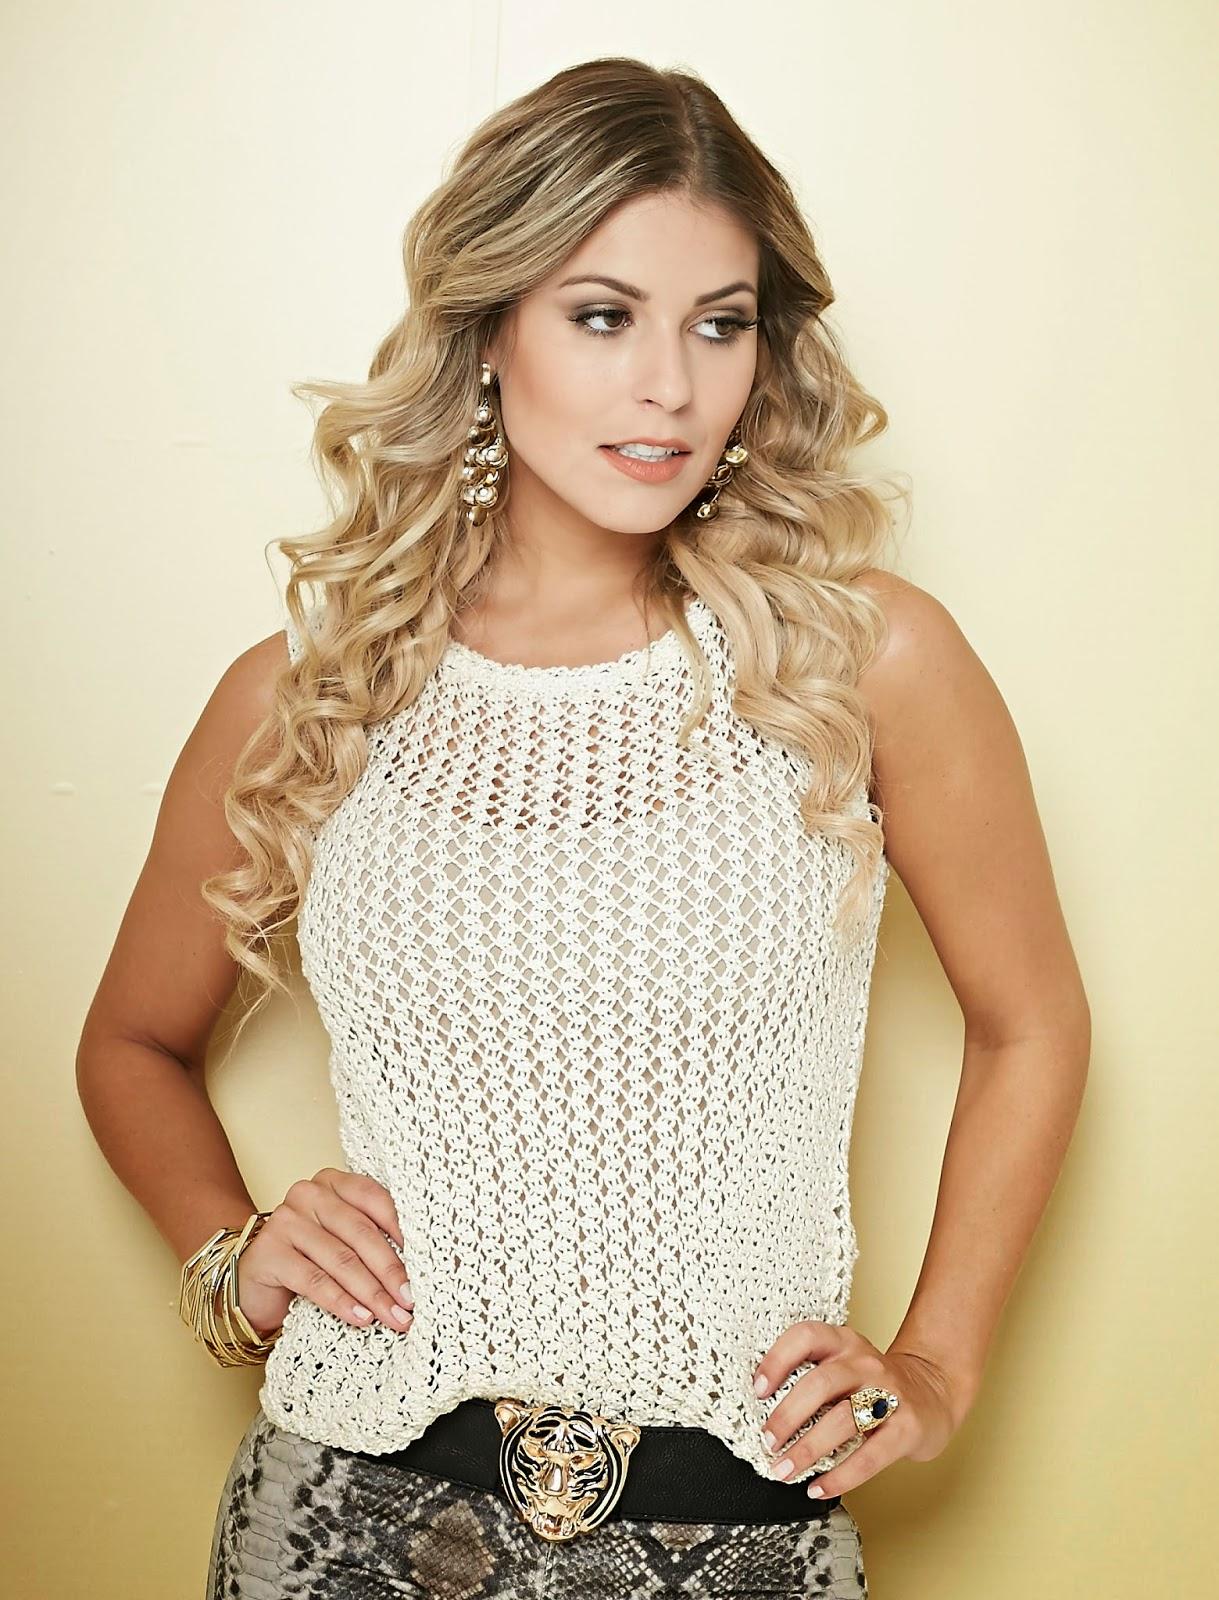 http://www.circulo.com.br/pt/receitas/moda-feminina-adulto/regata-com-brilho